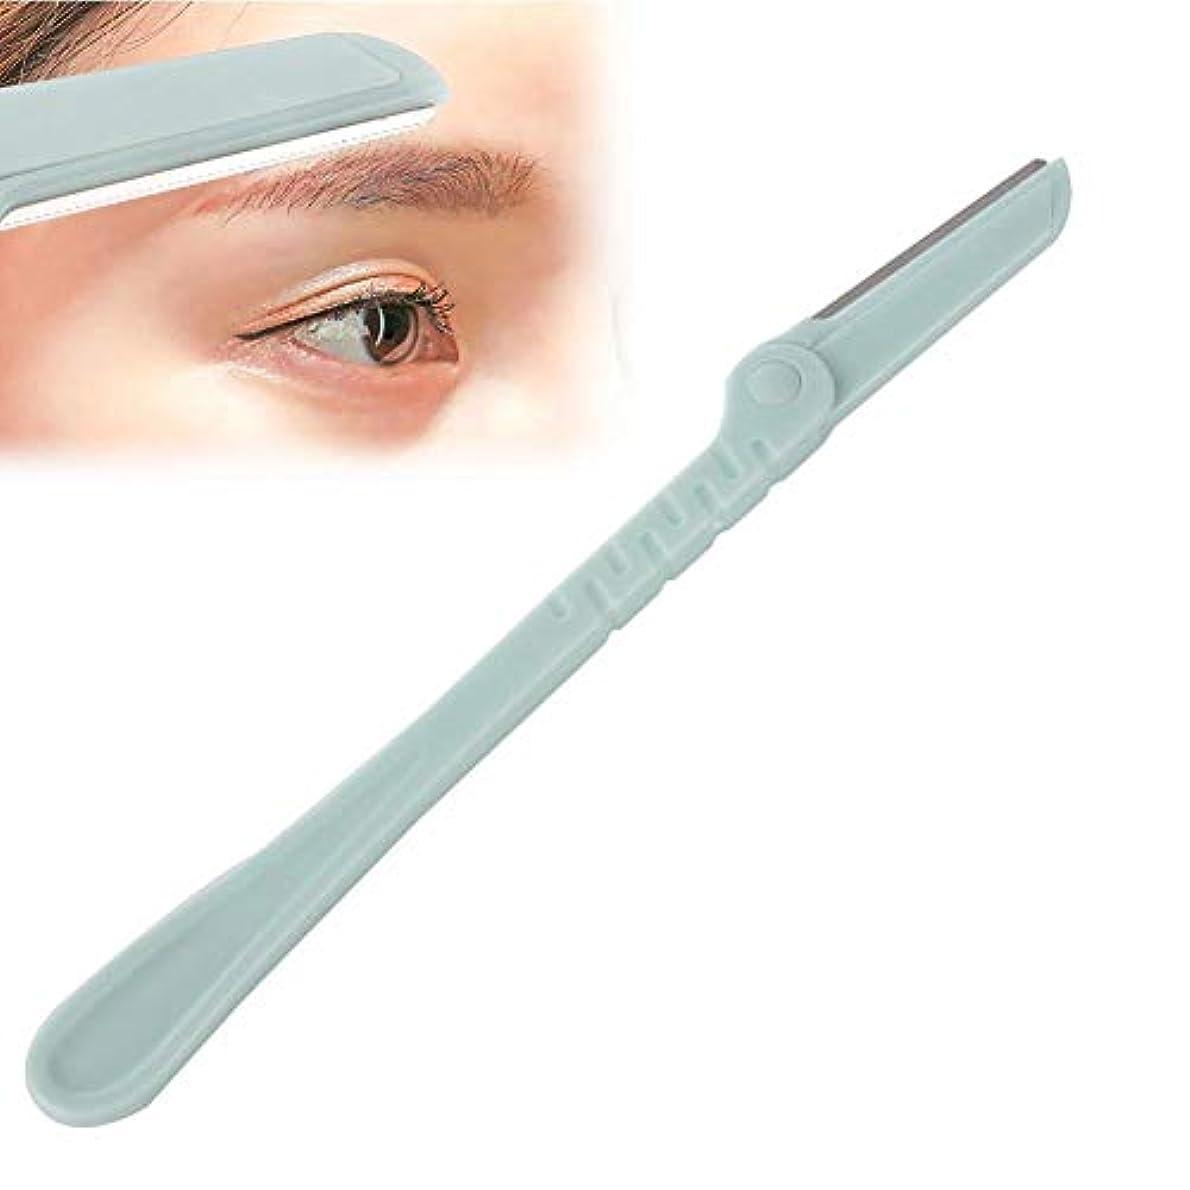 和解するから移行する1ピース眉毛カミソリ化粧道具 - 女性と男性の顔のリムーバー、眉毛カミソリの顔かみそりのヘアトリマーヘアトリマーのための美しい眉毛